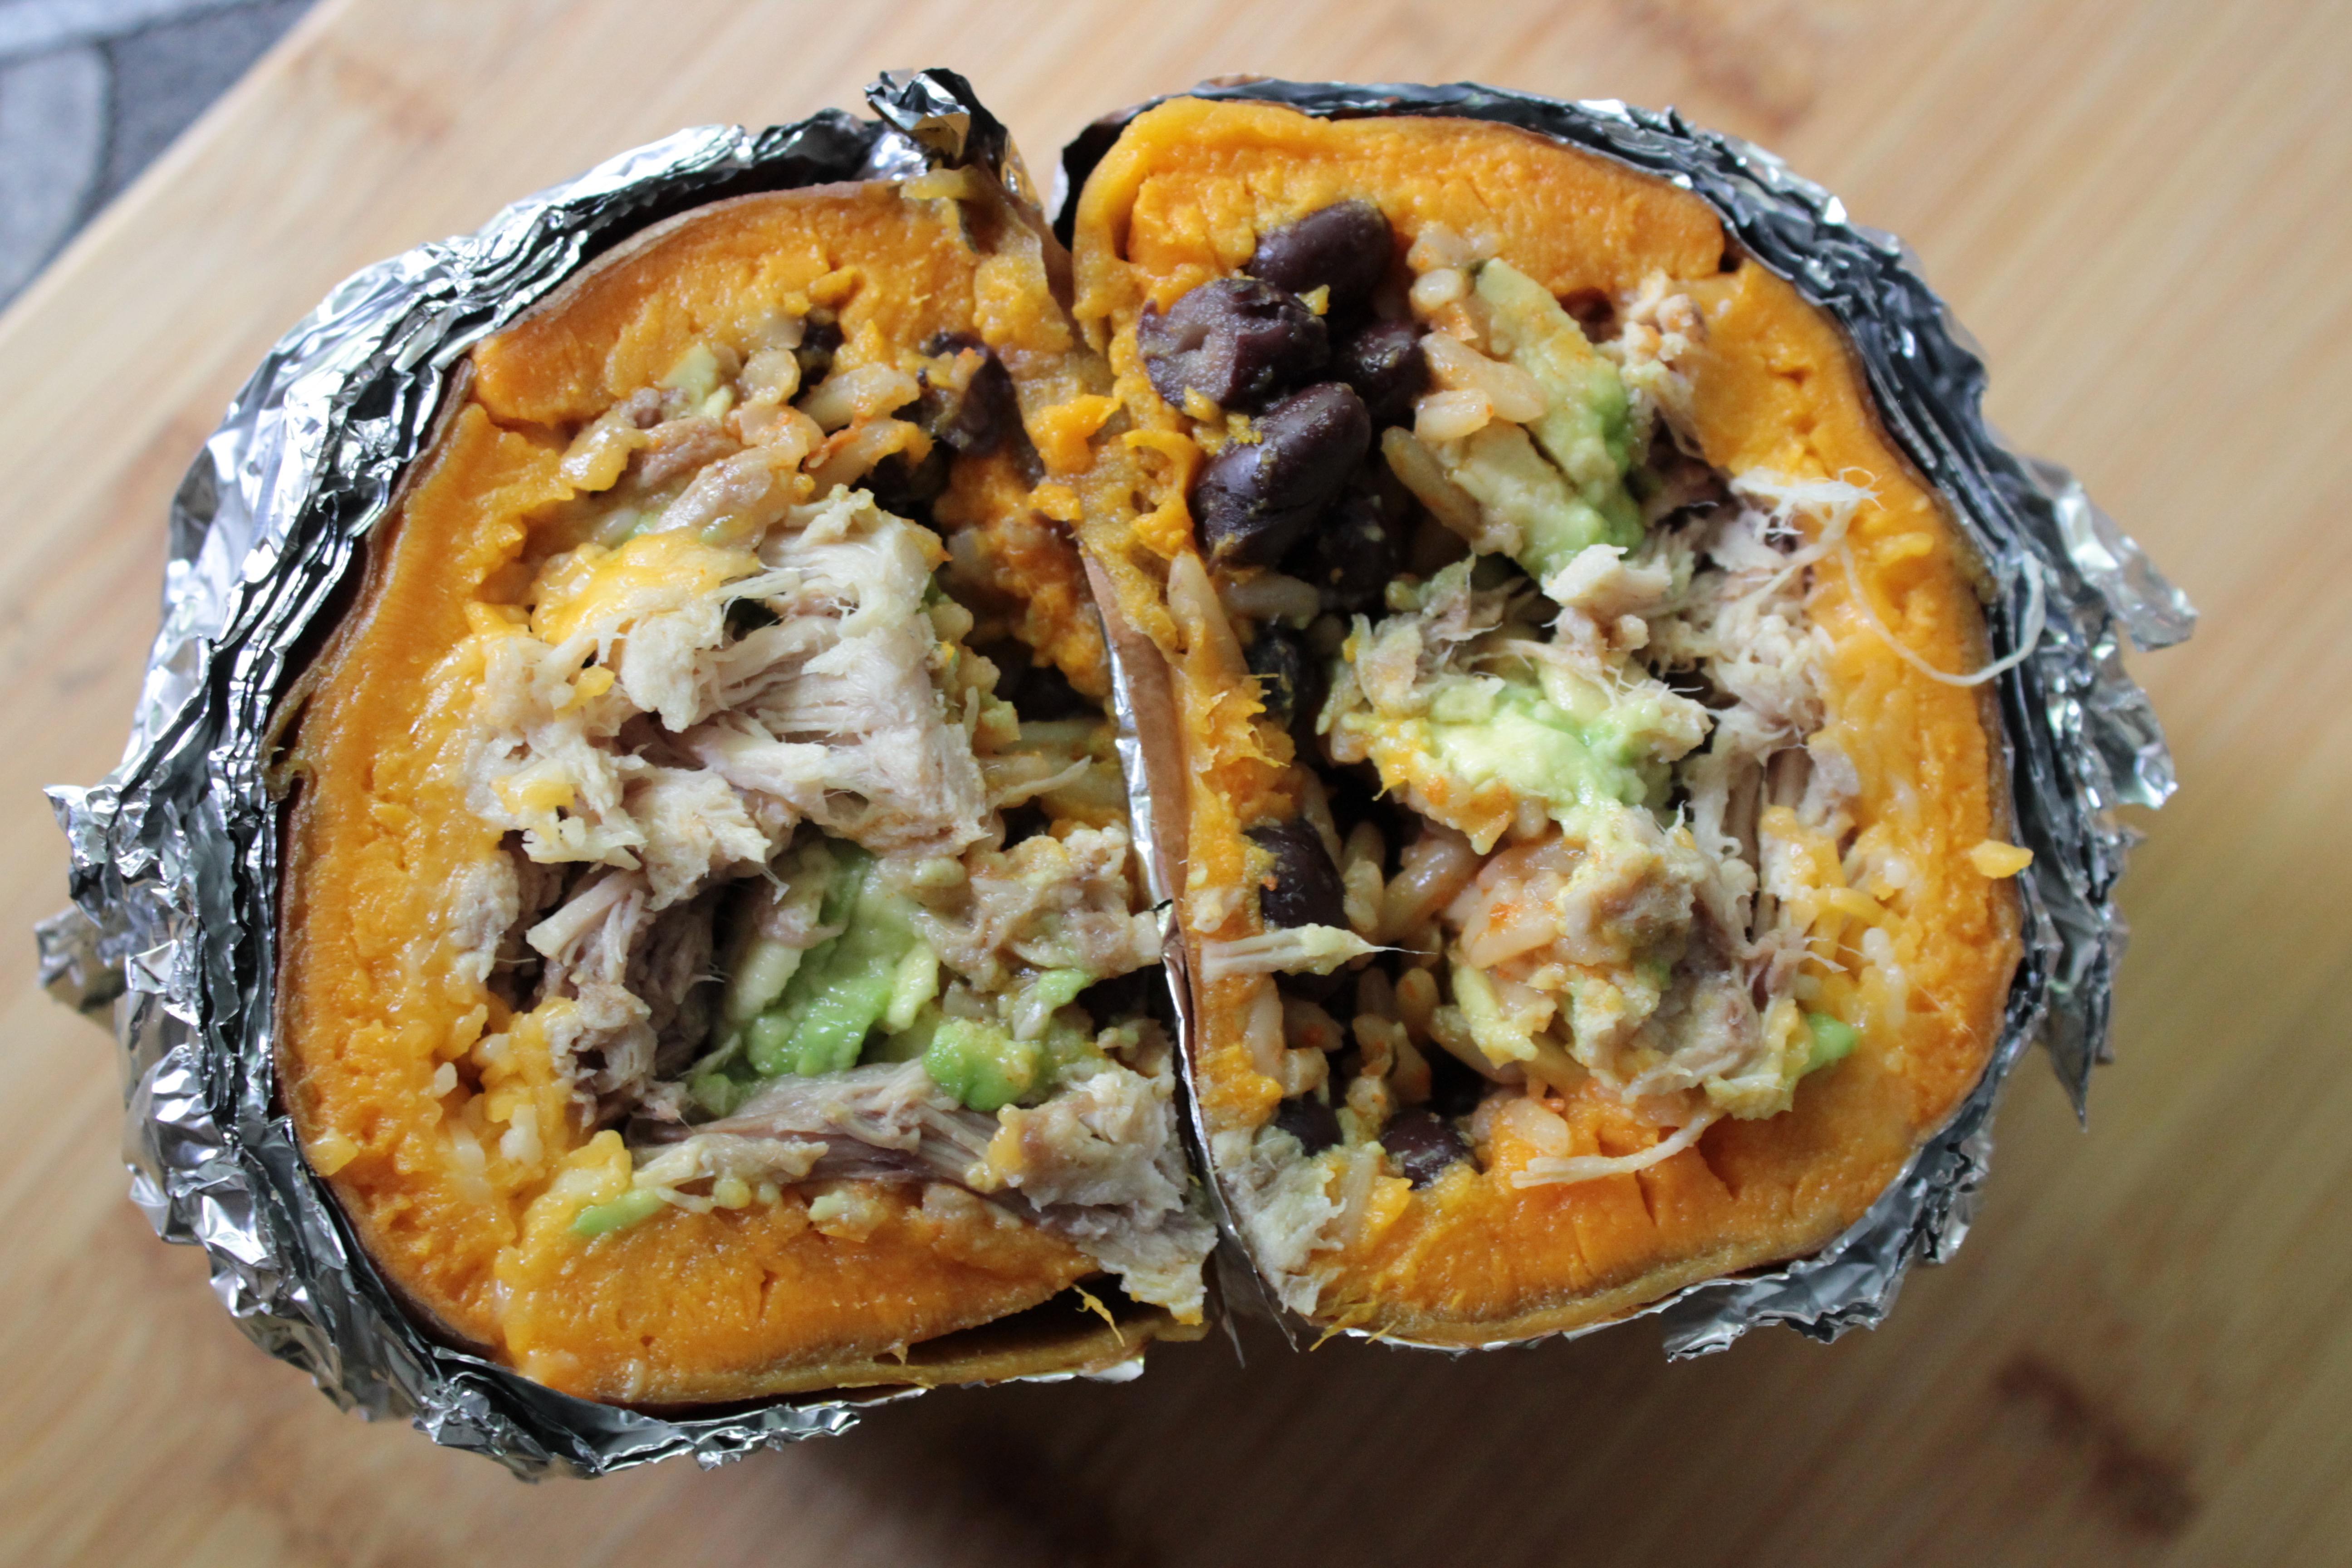 The Potatorrito (Burritato? lol)